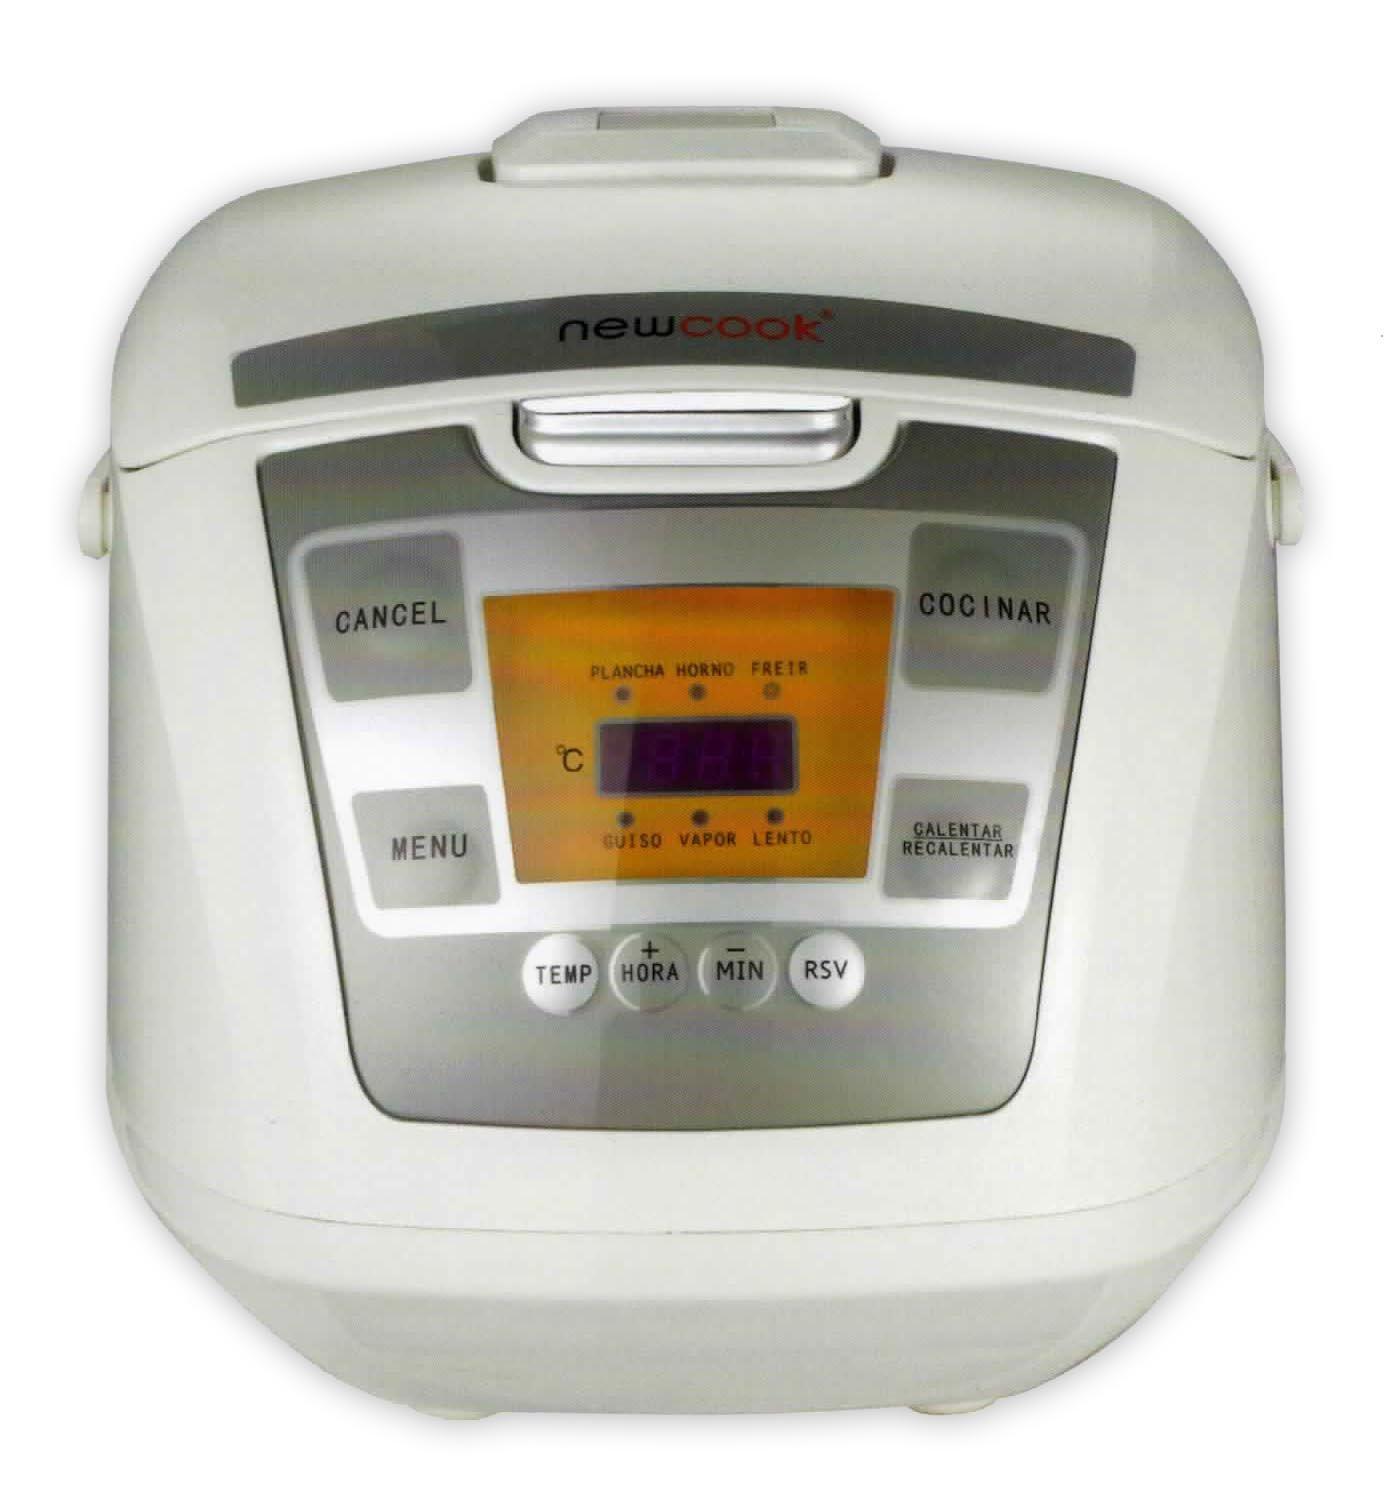 Que Robot De Cocina Comprar | Robot De Cocina Newcook 5 Litros Amazon Es Hogar